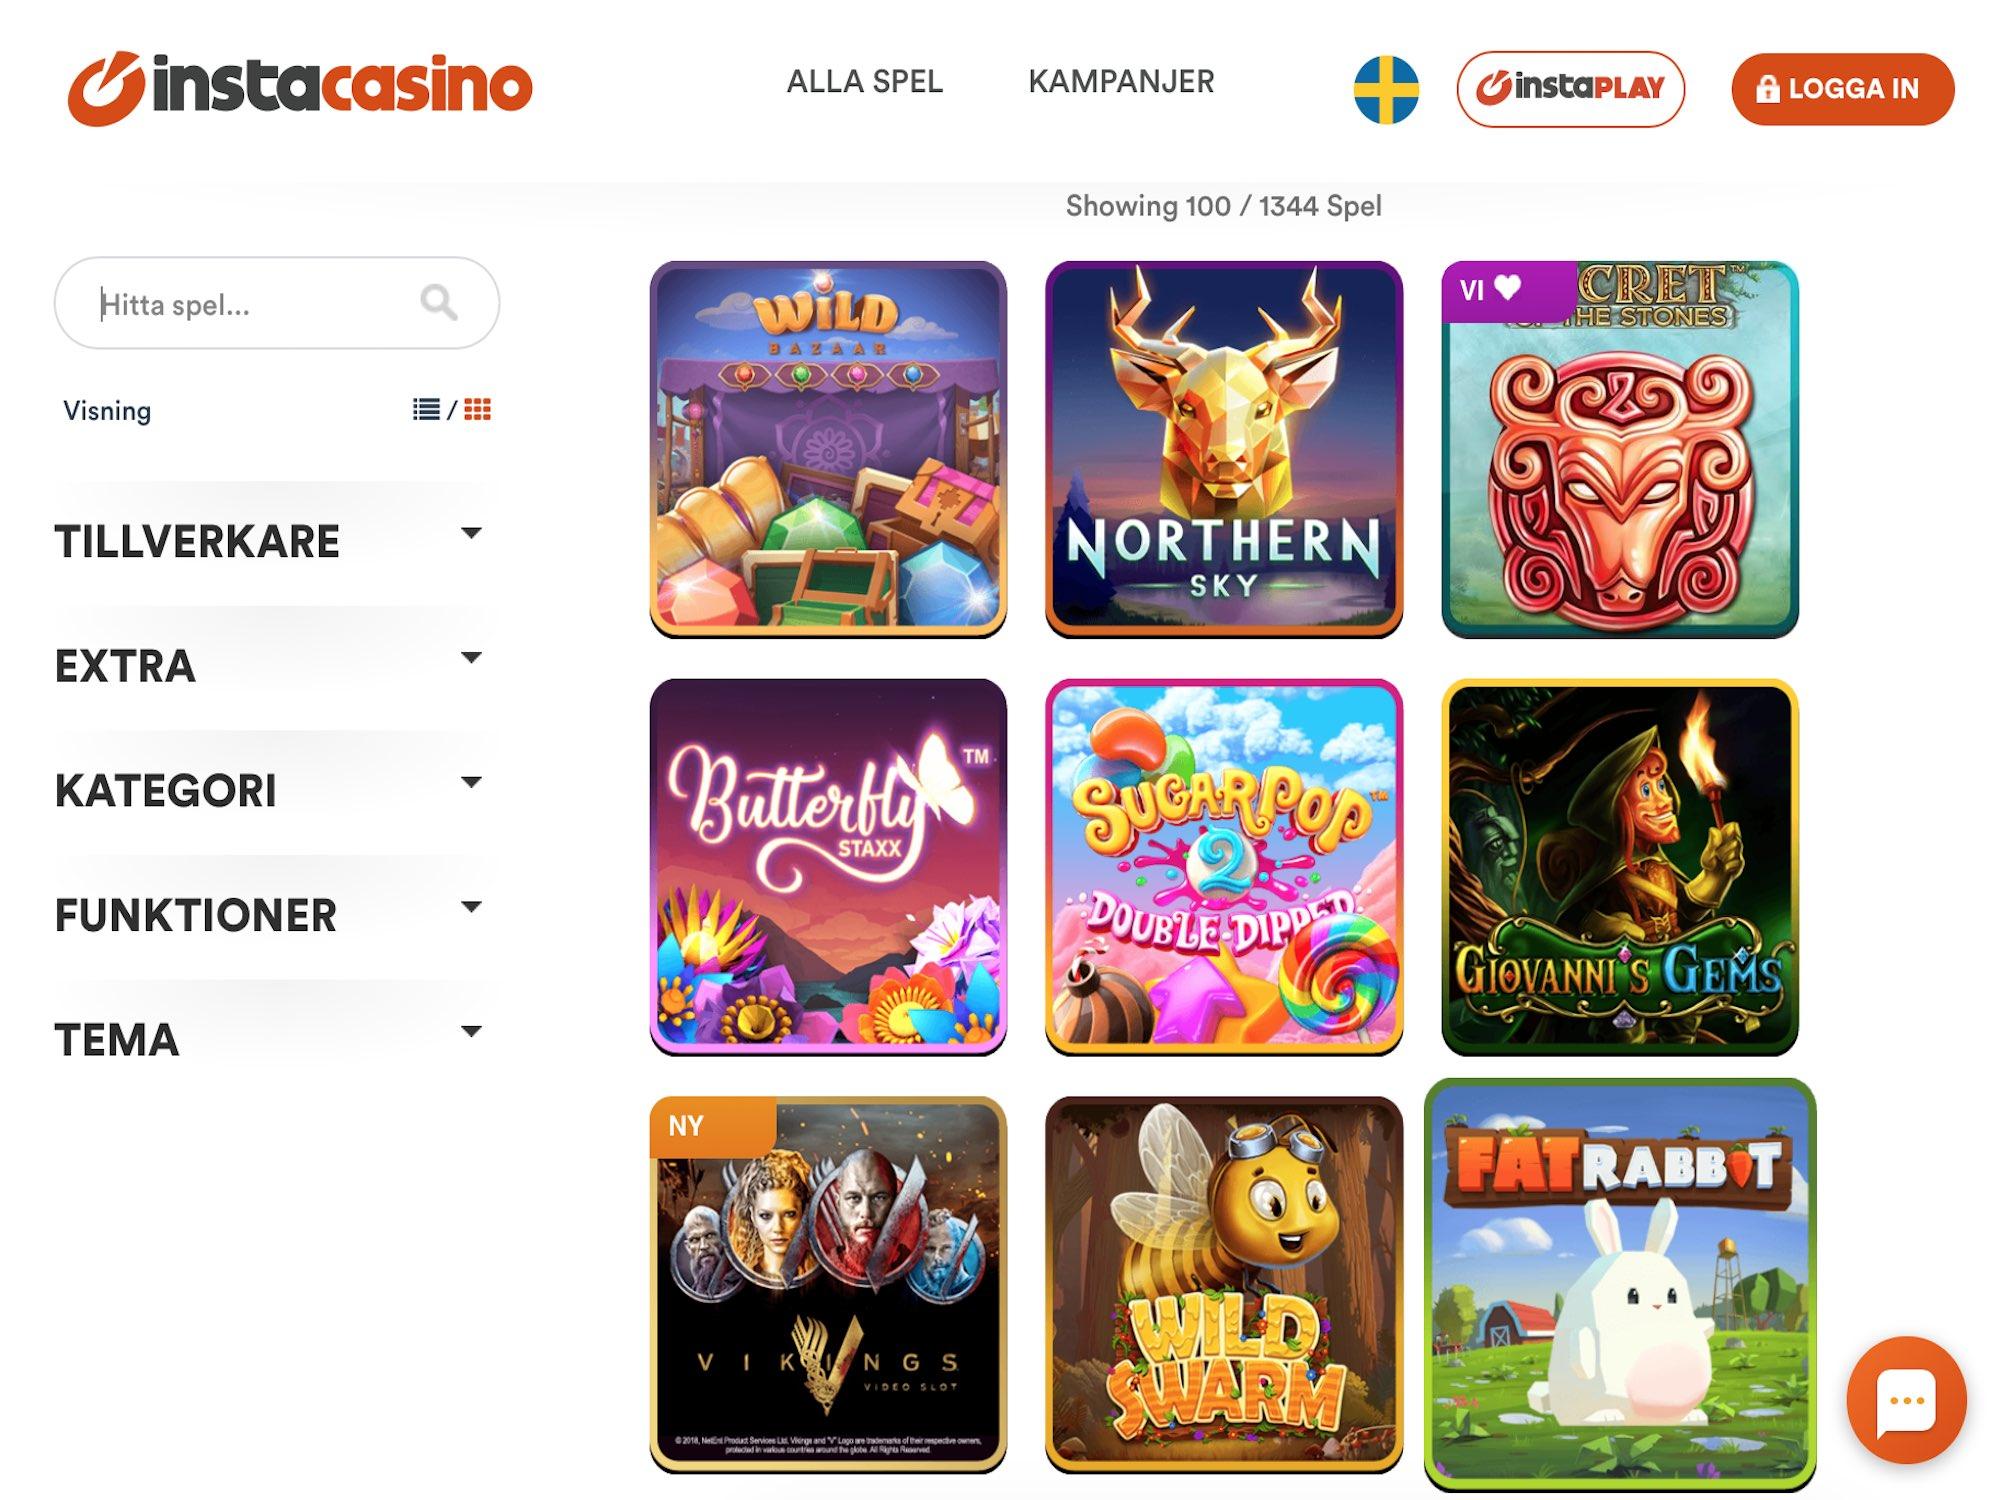 Casino hög säkerhet instacasino internet